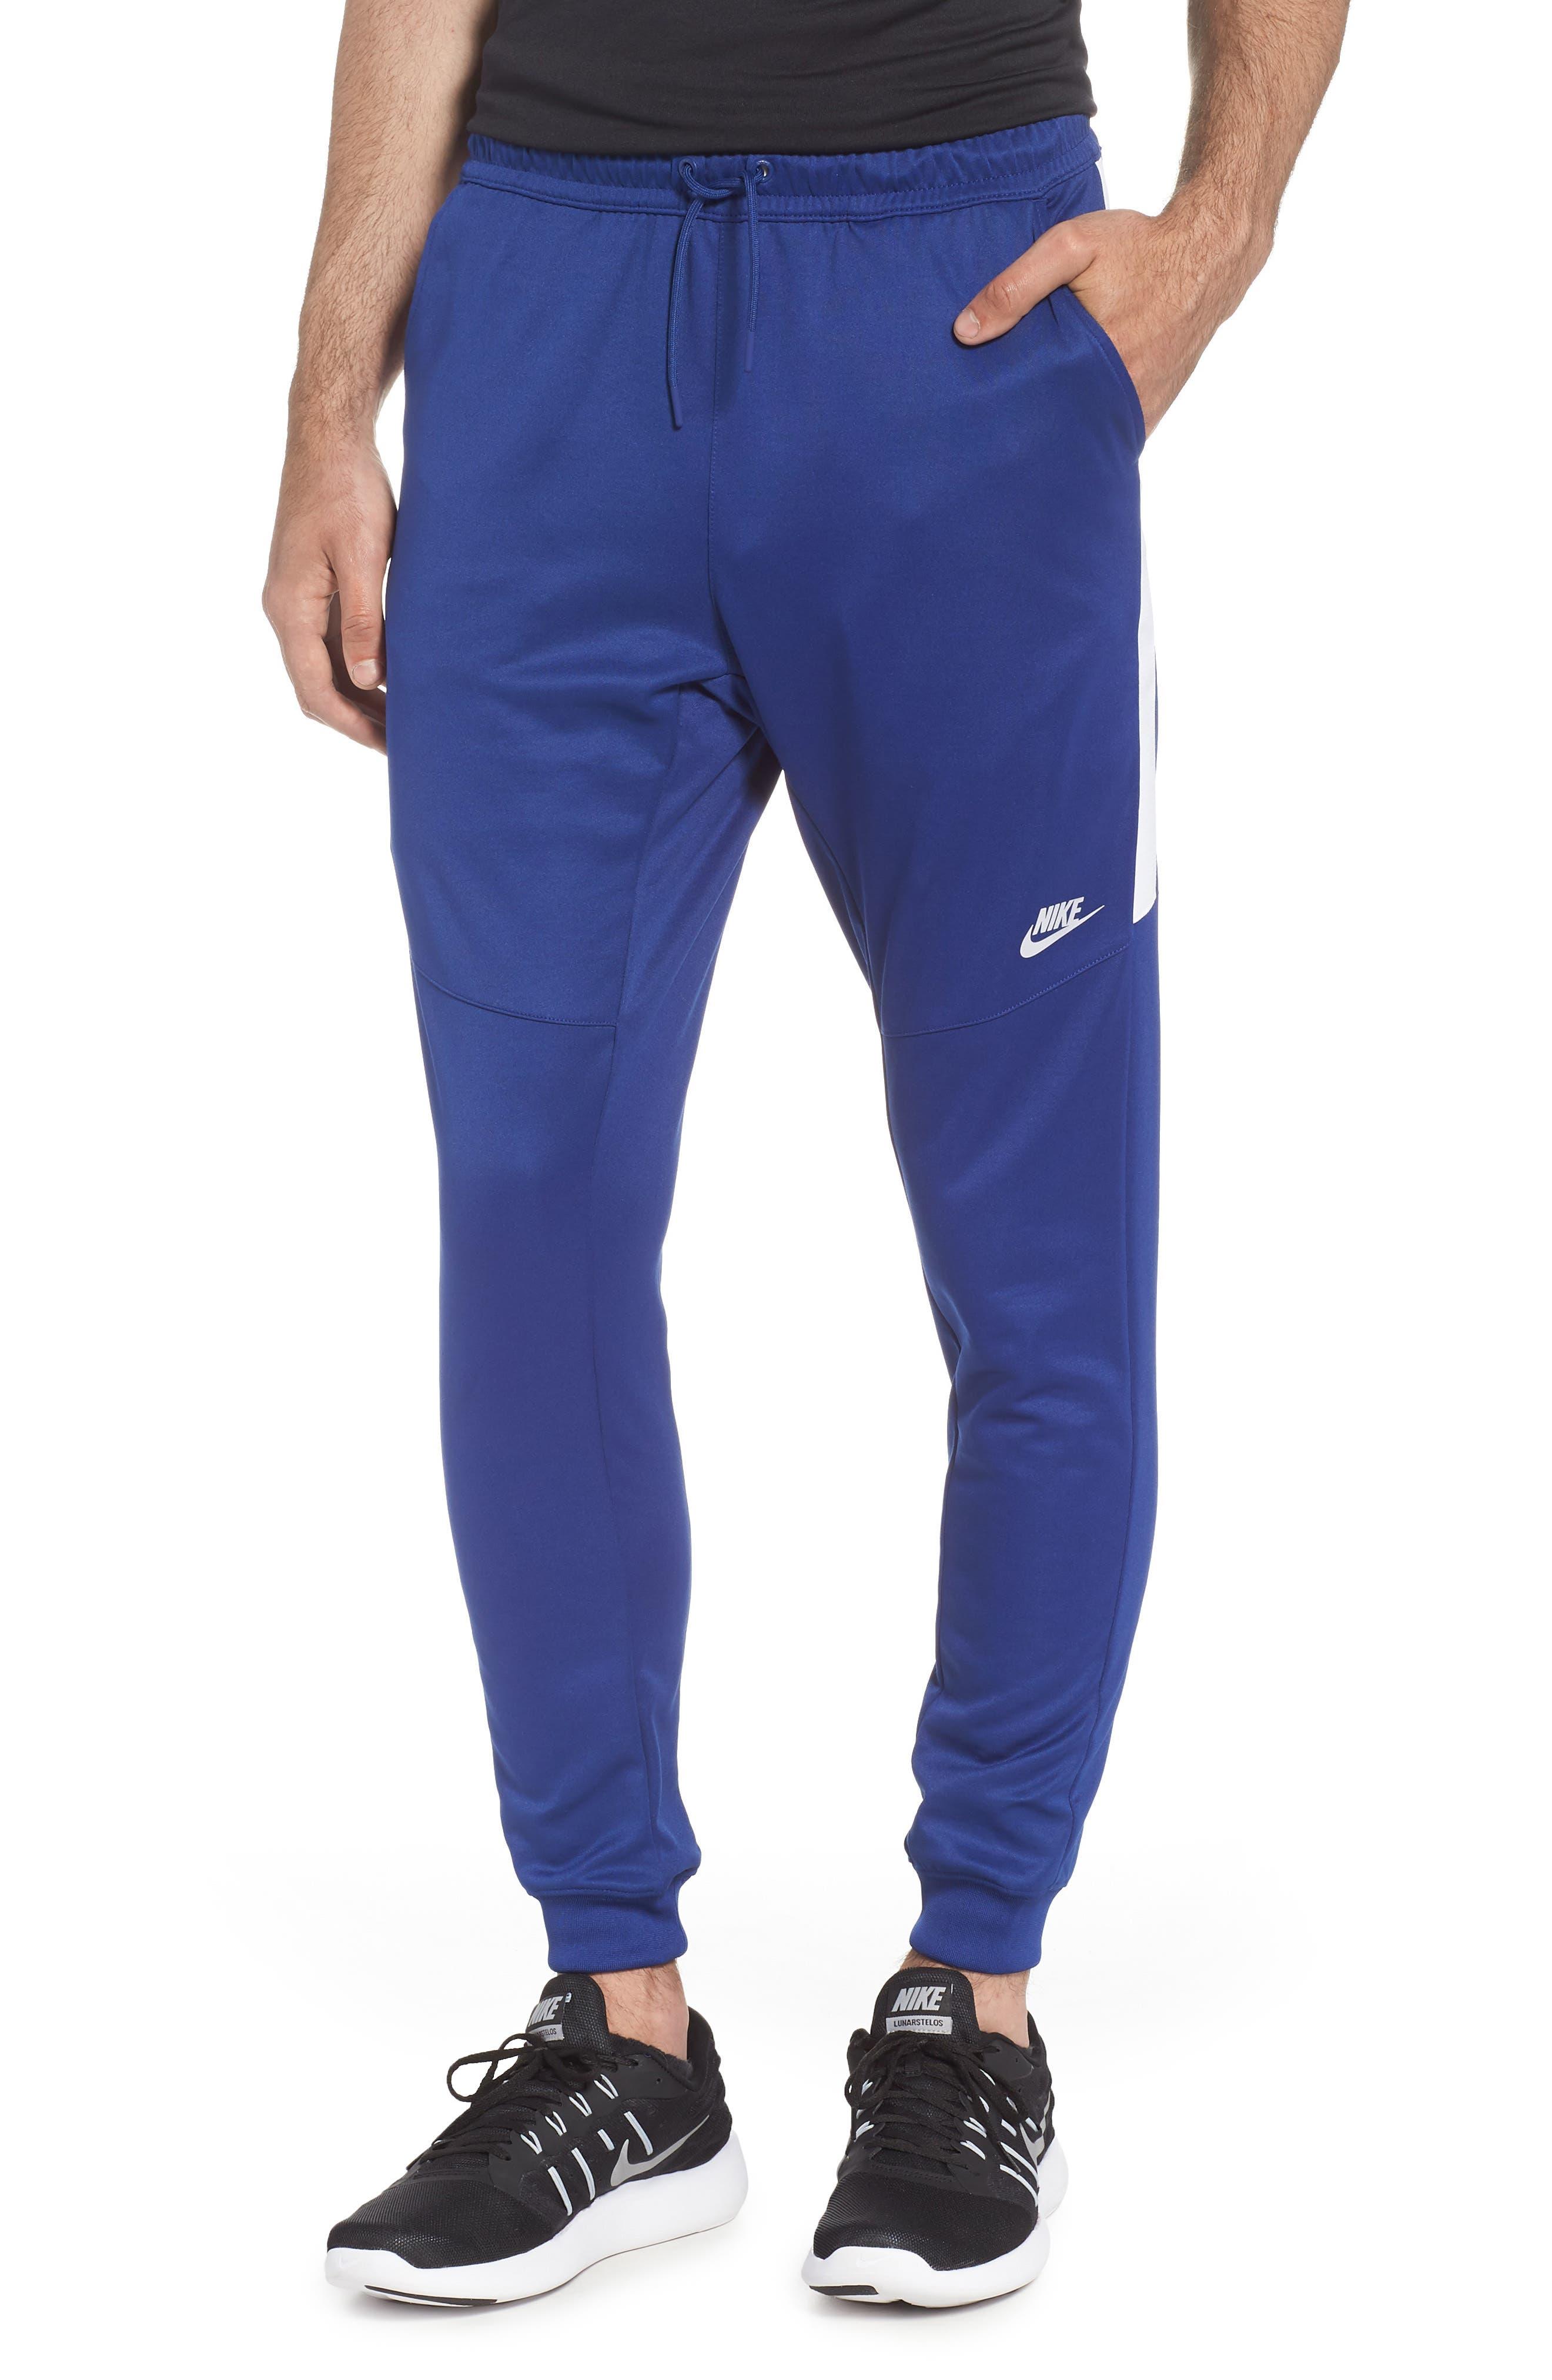 Tribute Jogger Pants,                             Main thumbnail 1, color,                             Deep Royal Blue/ White/ White